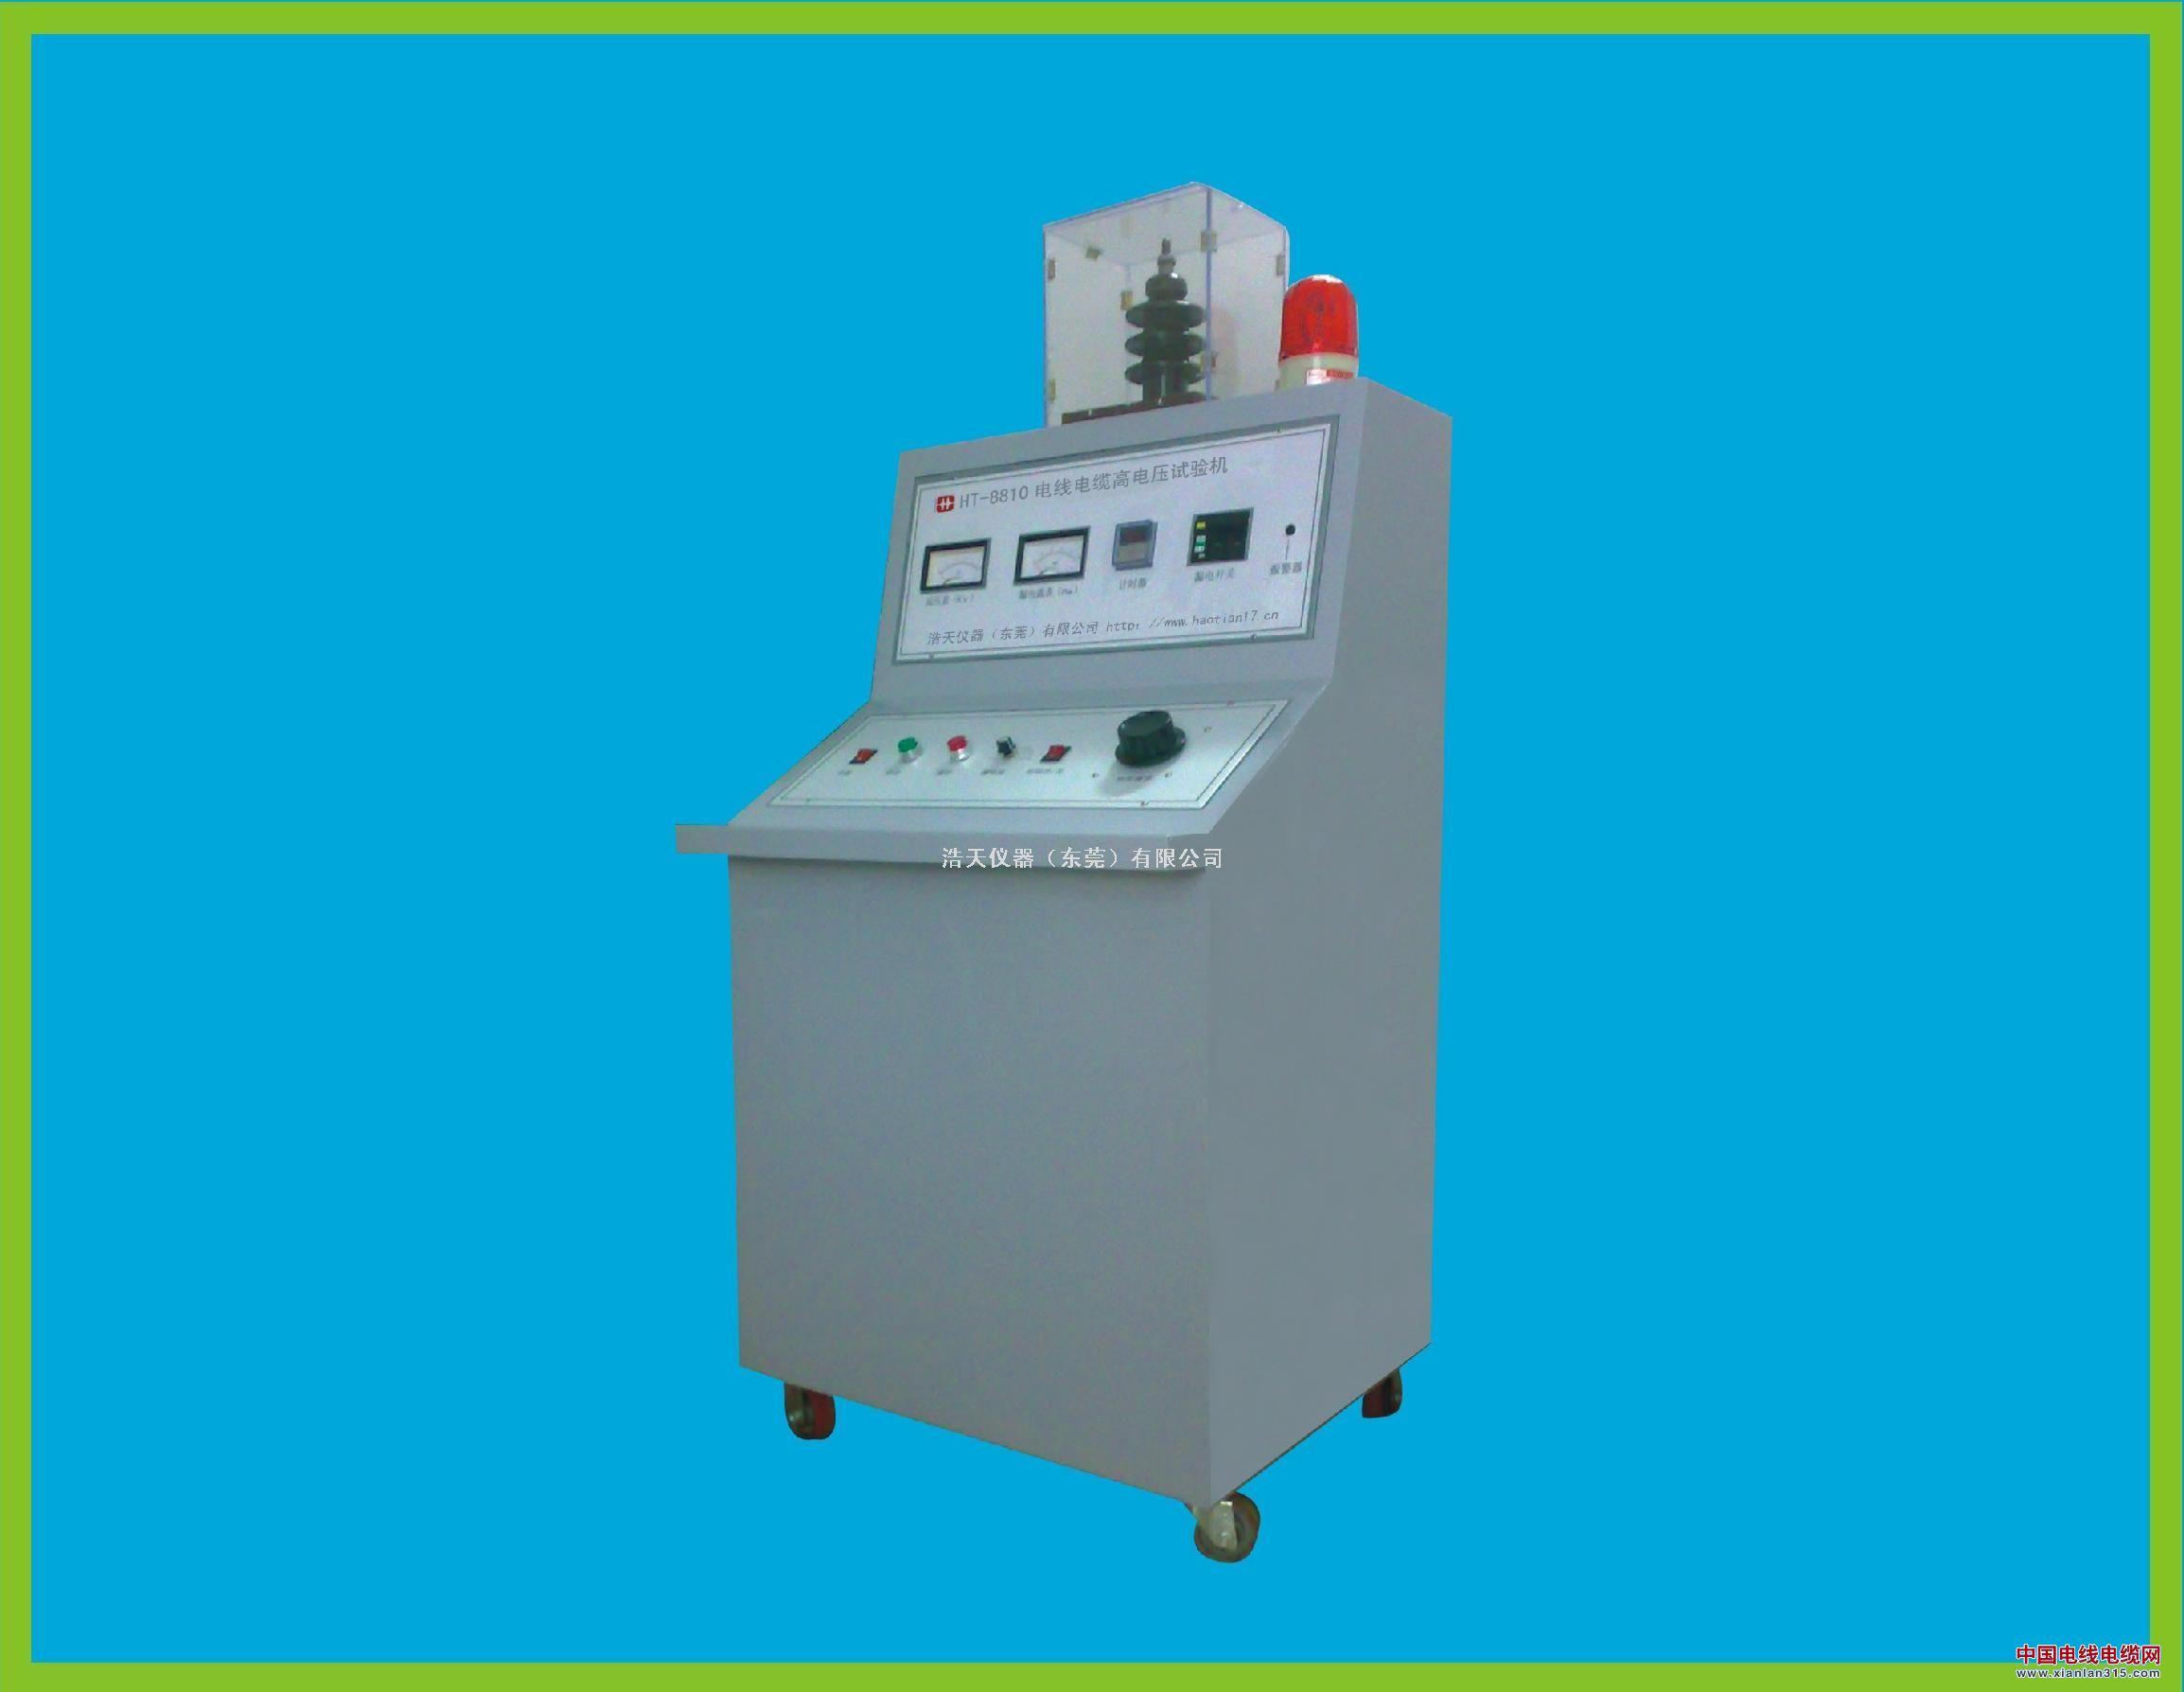 电线易胜博ysb88手机版高电压试验机产品图片展示